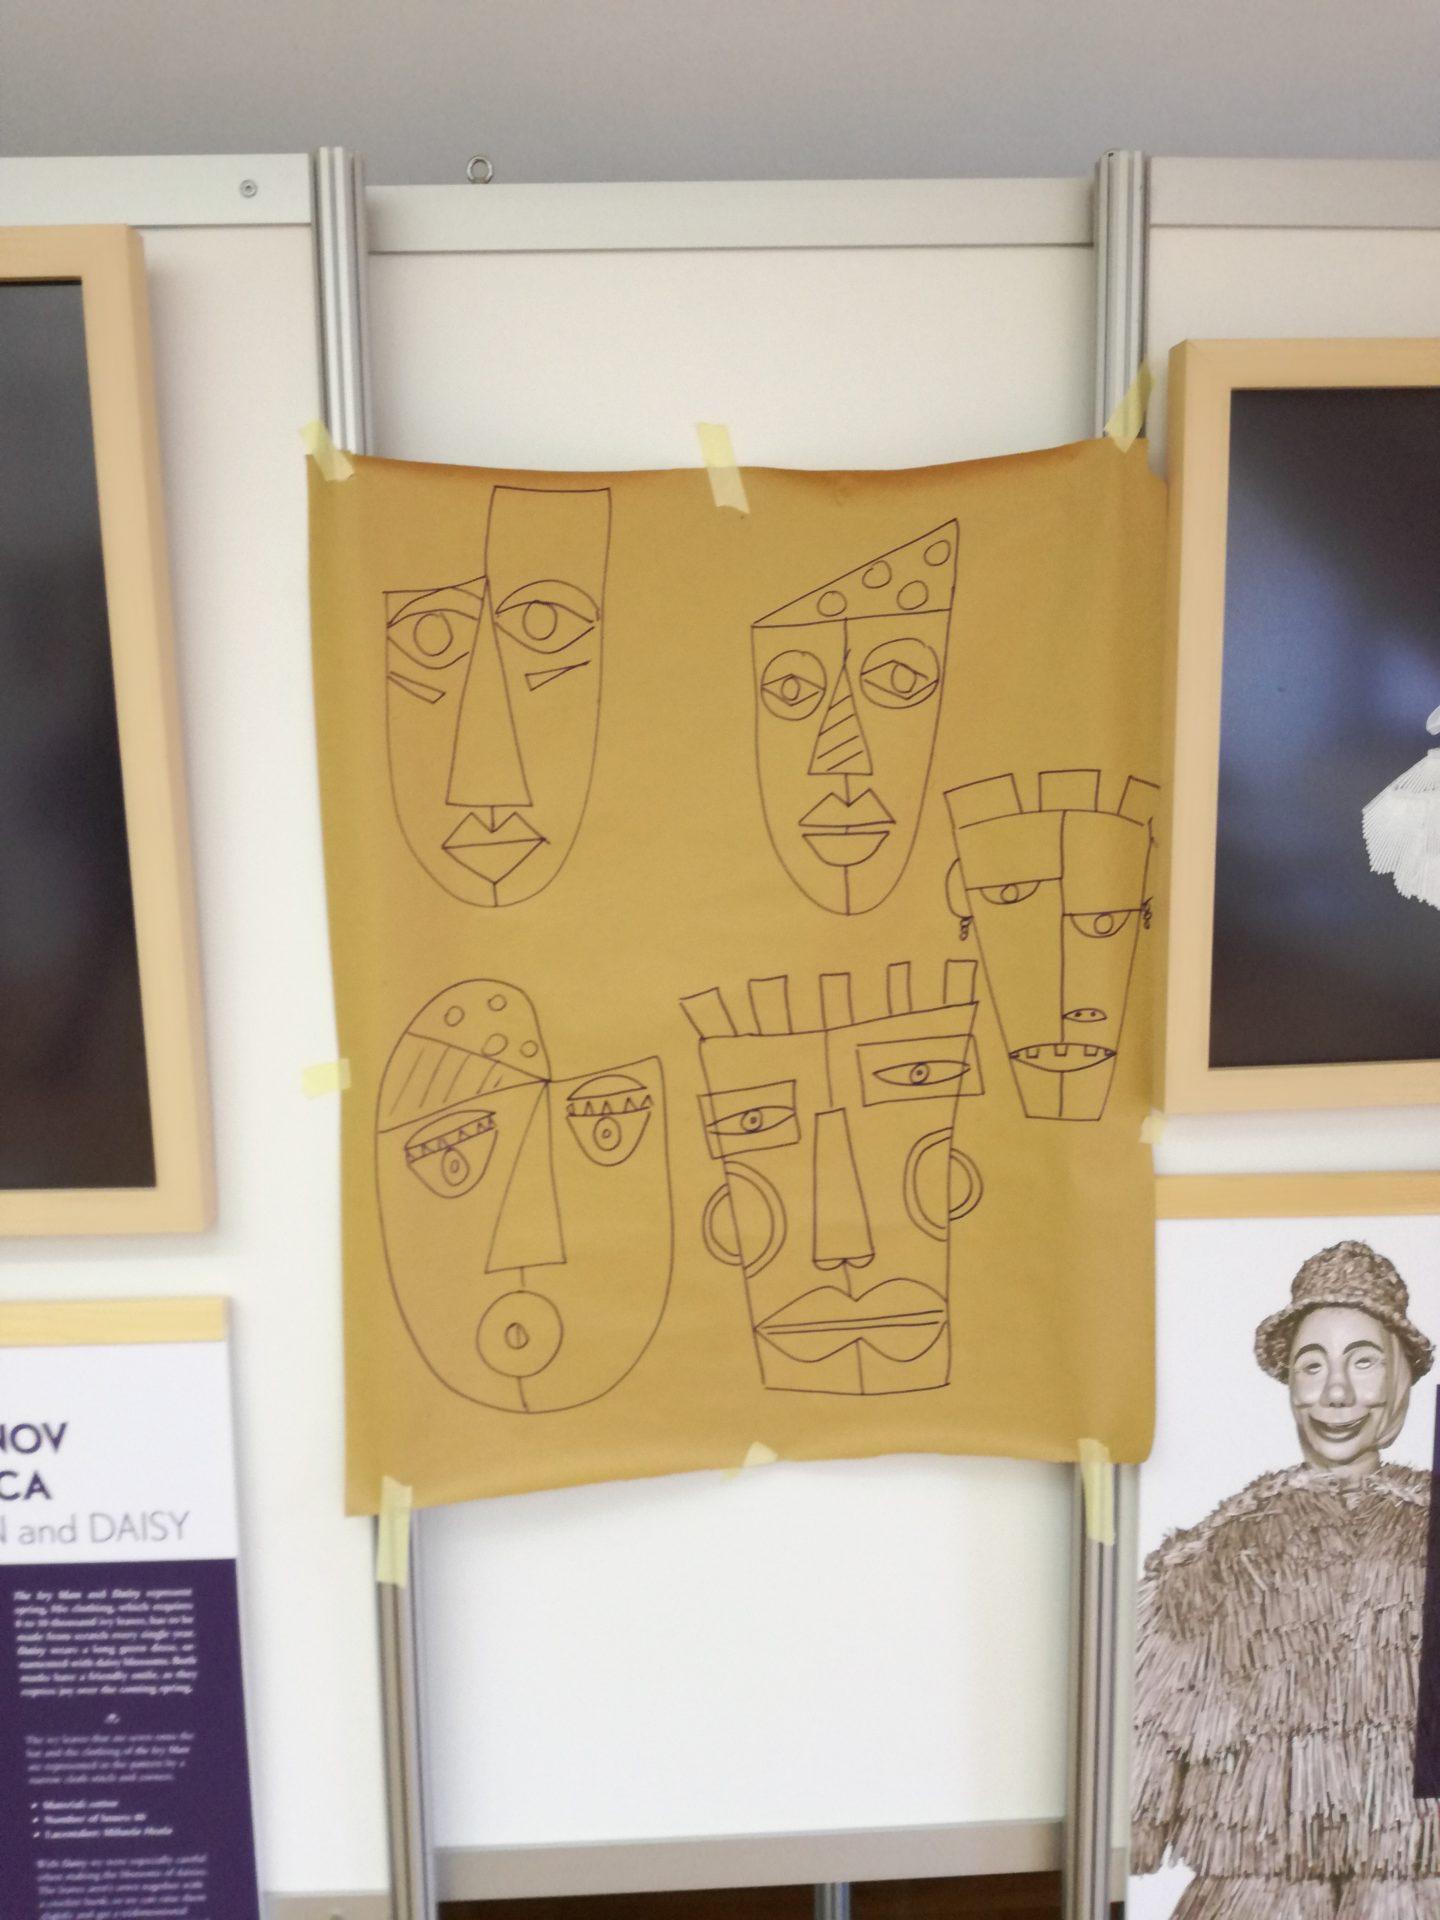 IMG 20200217 145546 - Počitniški tečaj izdelovanja mask v knjižnici